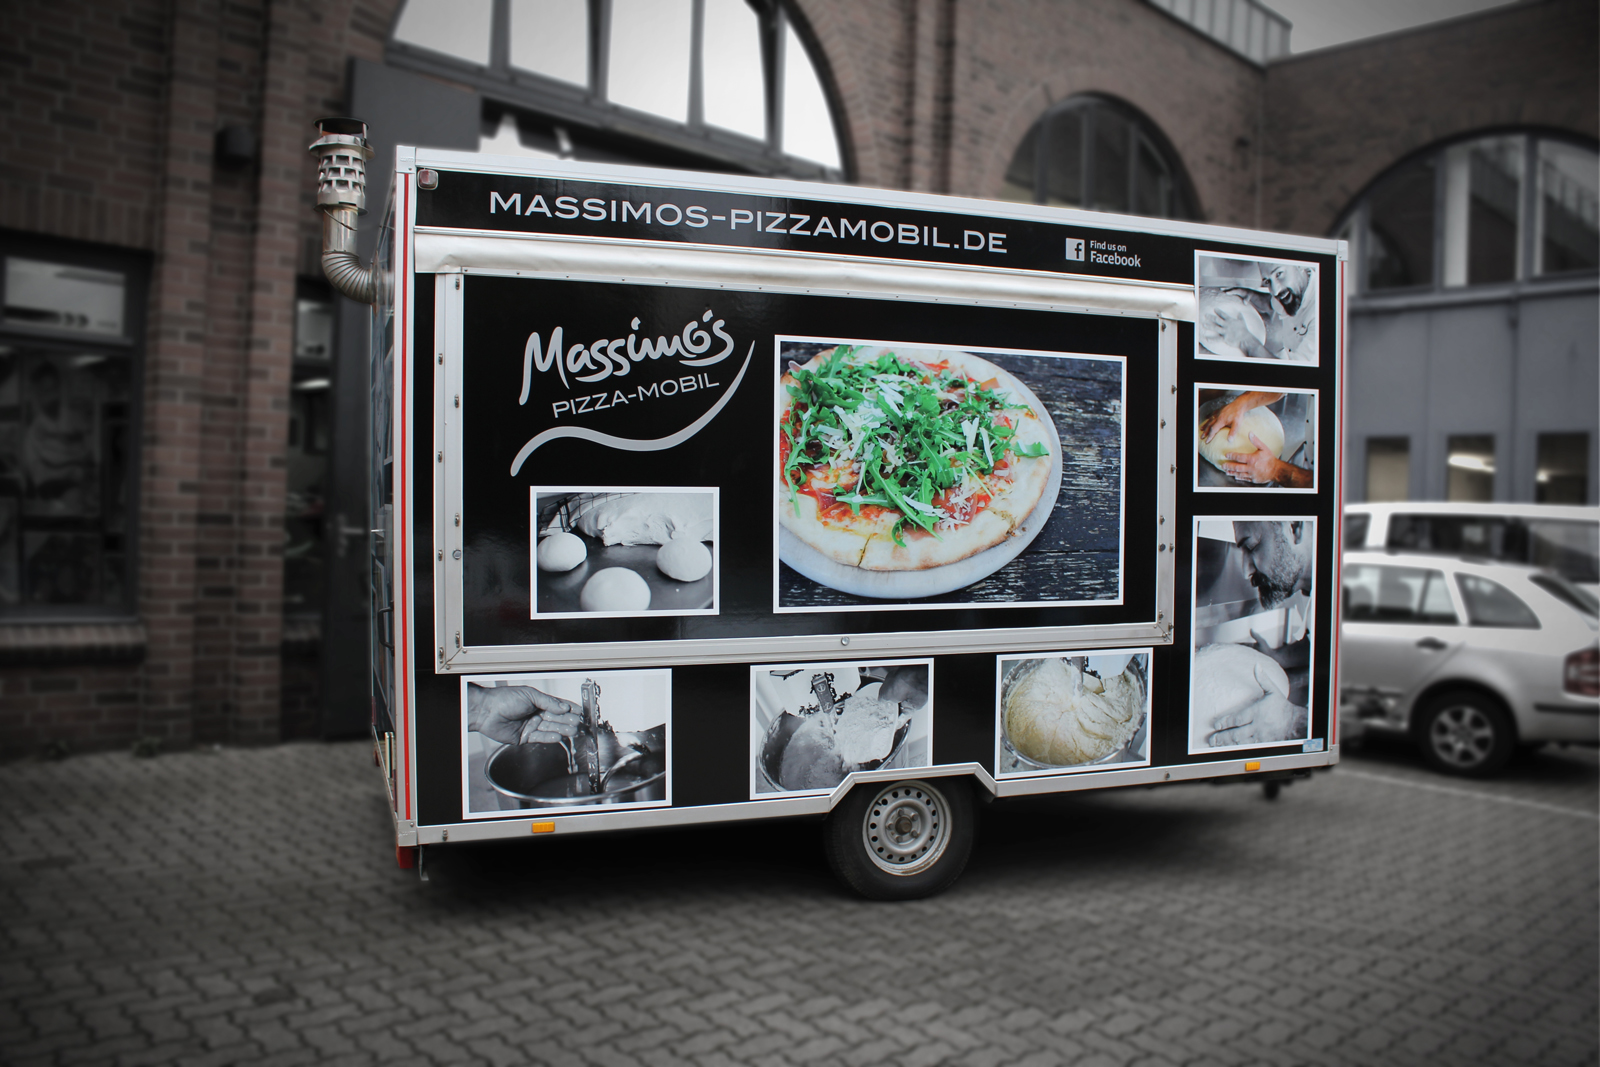 anhaenger_massimos_pizza-mobil_titelbild